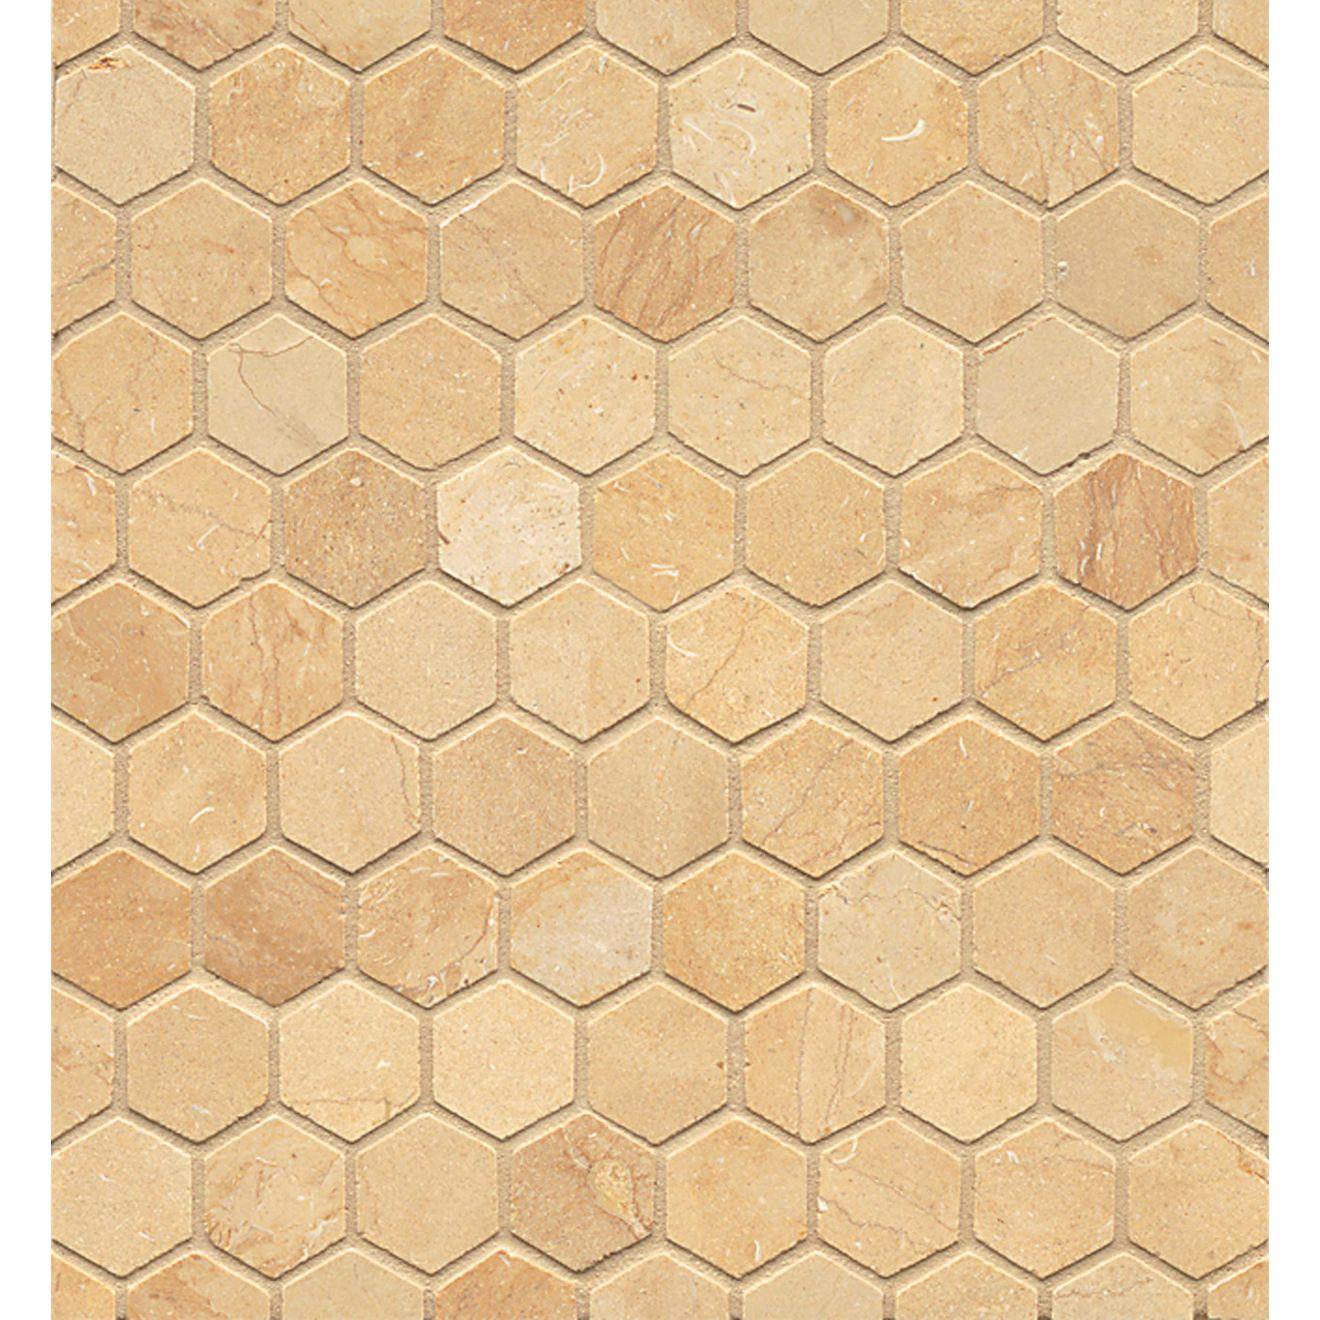 1X1 Hexagon-Brioche